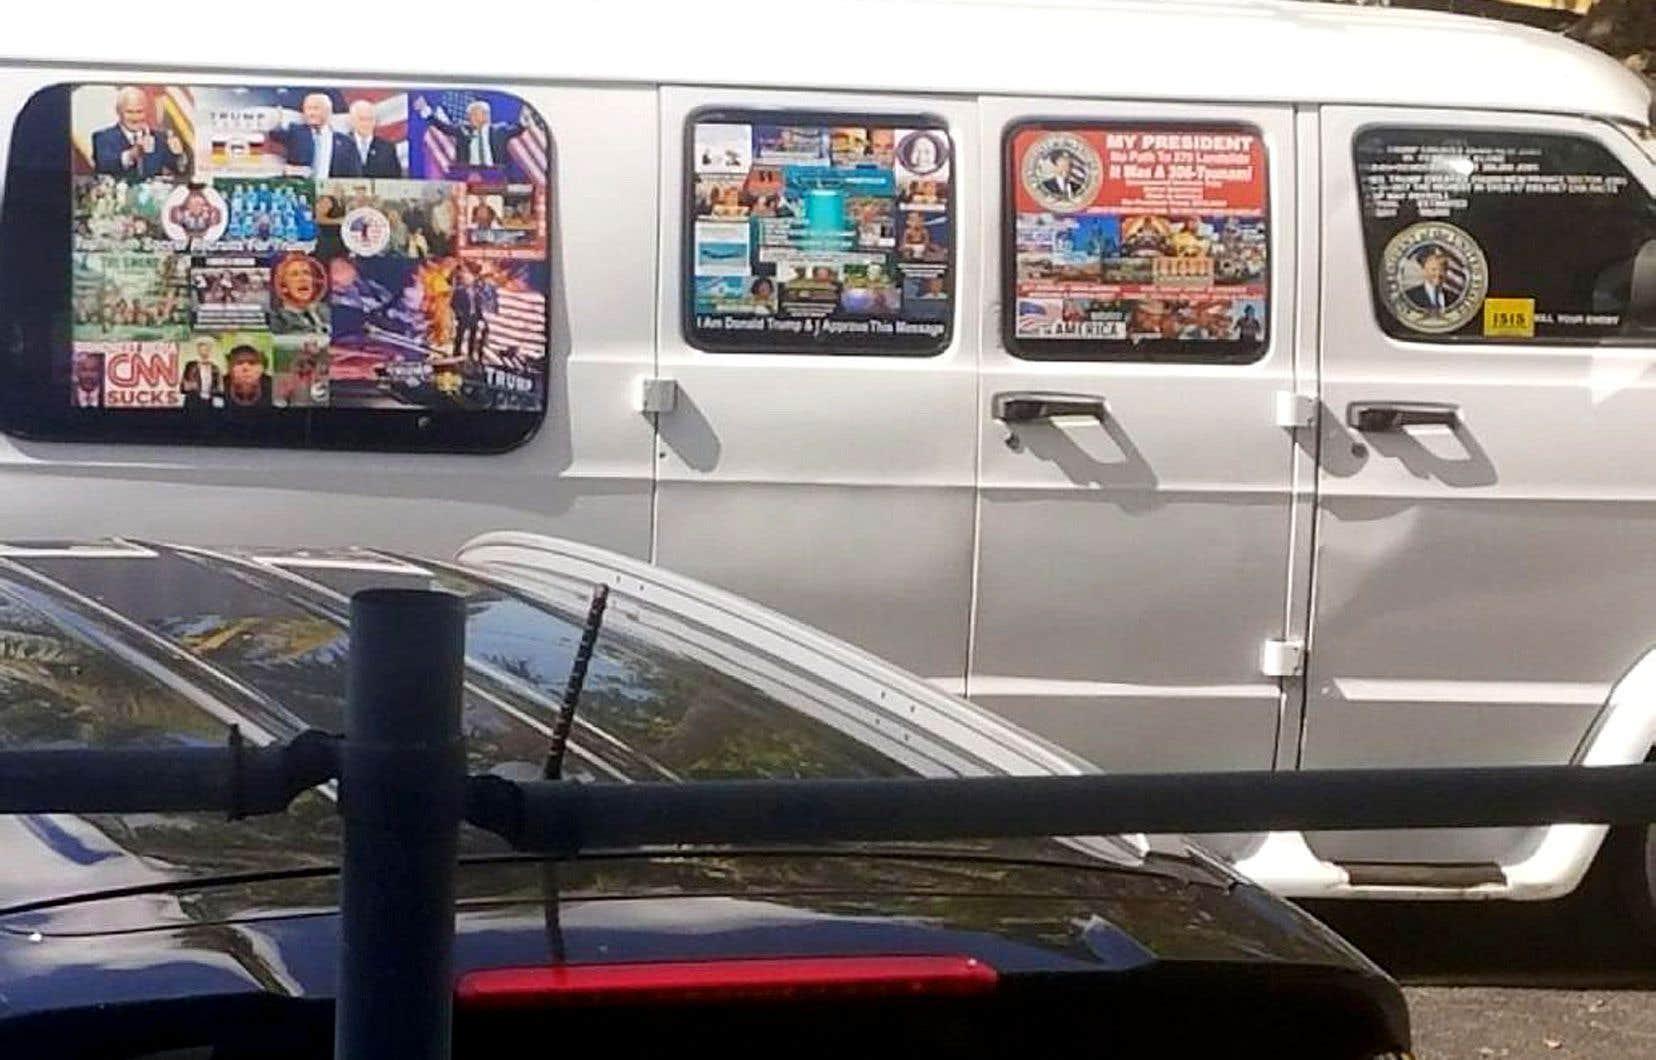 Sur toutes les fenêtres de la camionnette du suspect sont tapissées des photos triomphales du président Donald Trump et du vice-président Mike Pence. Et on peut y voir des photos d'Hillary Clinton et de Barack Obama couvertes d'une cible rouge.